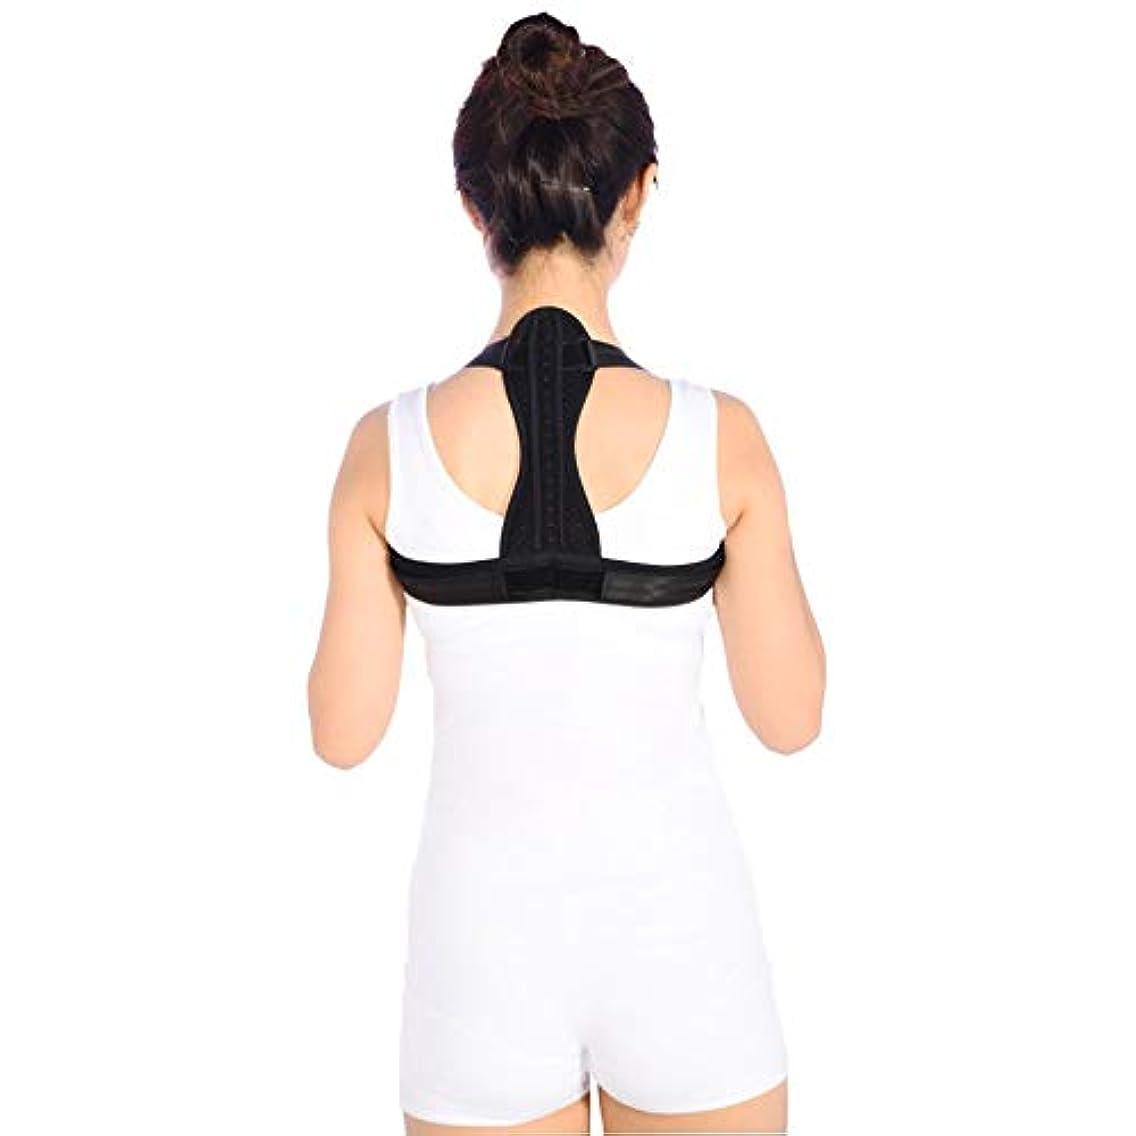 行うスマッシュ消防士通気性の脊柱側弯症ザトウクジラ補正ベルト調節可能な快適さ目に見えないベルト男性女性大人学生子供 - 黒